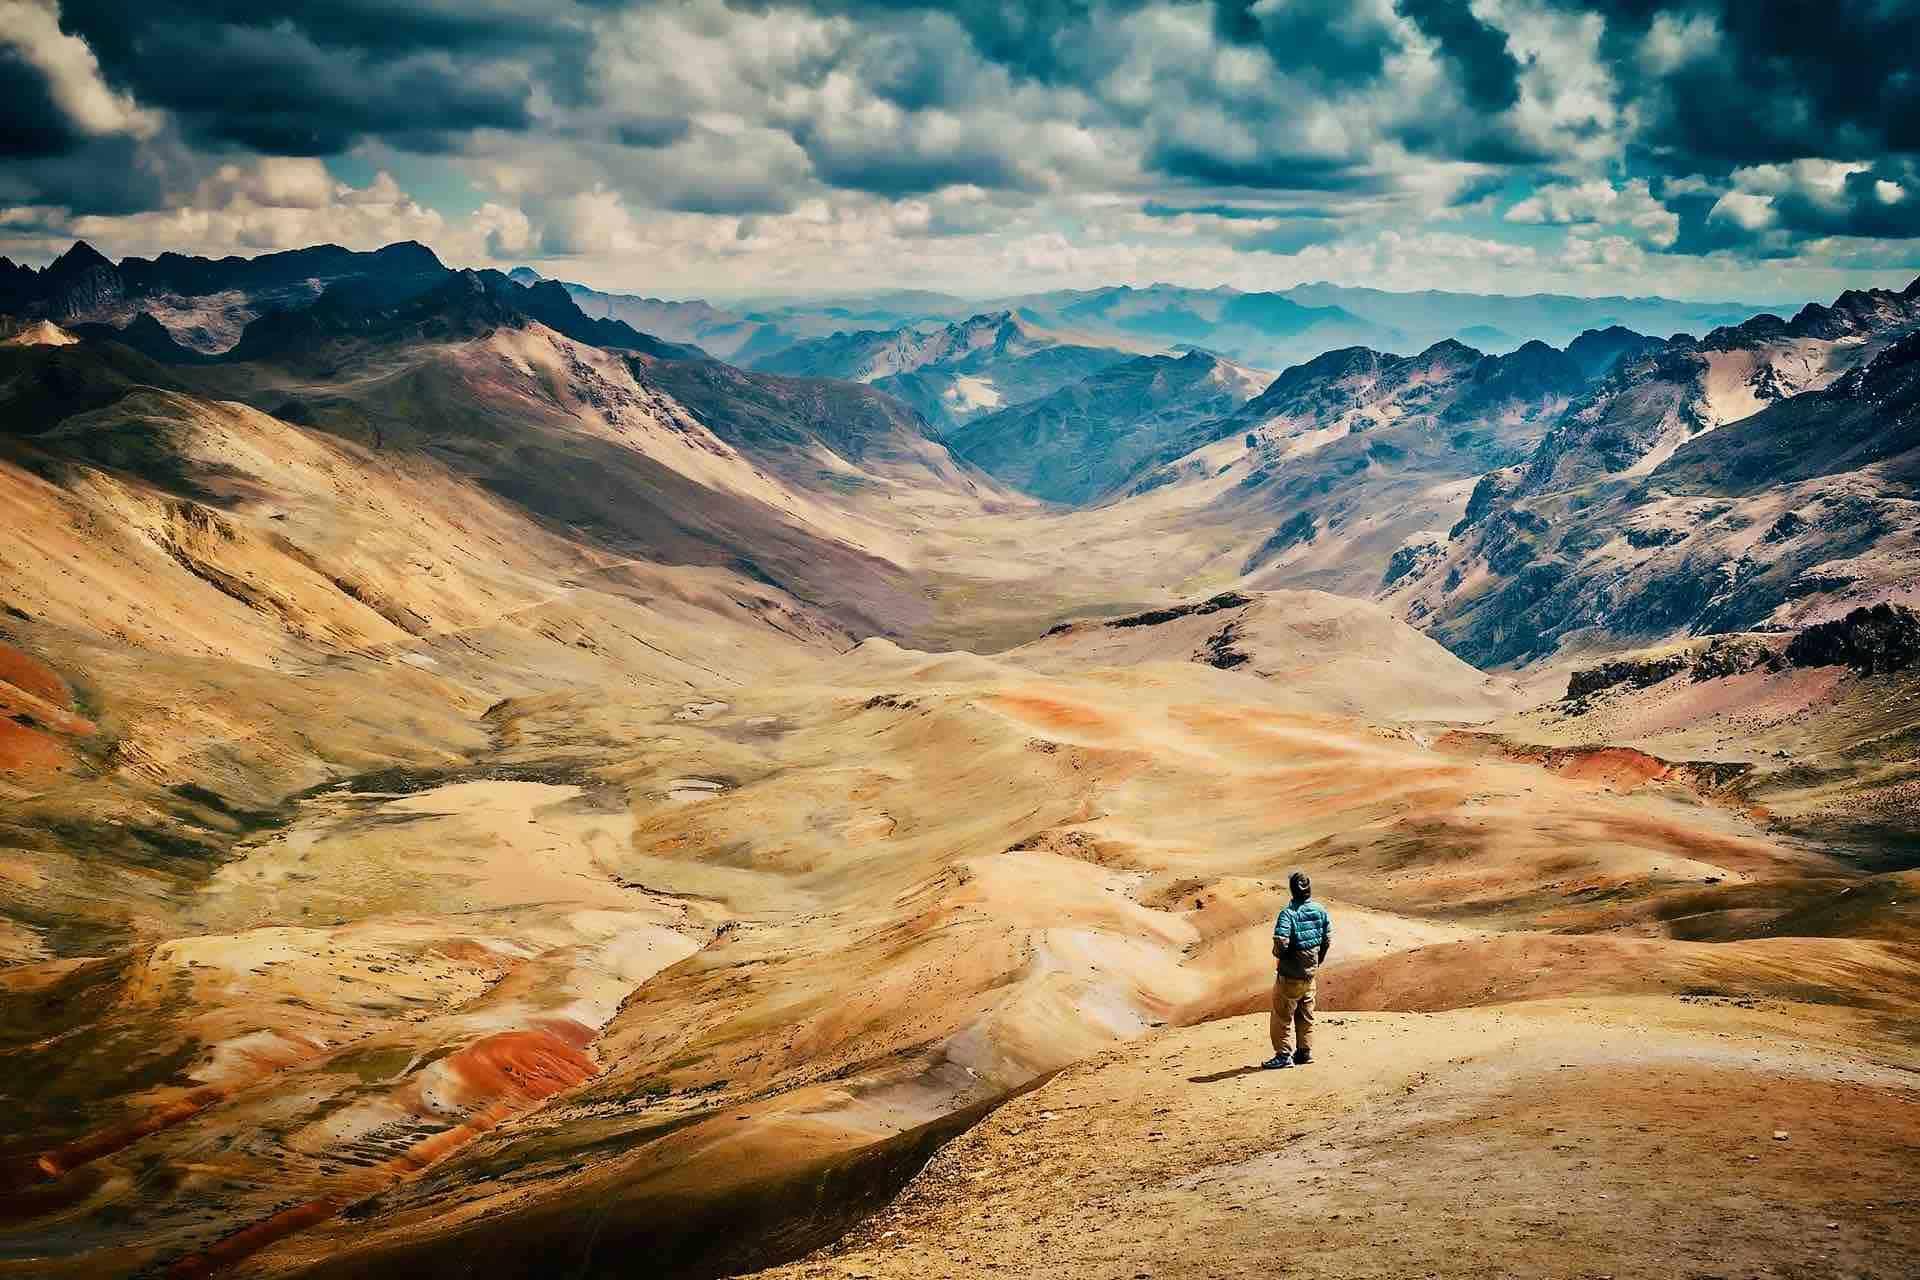 Peru mountain landscape